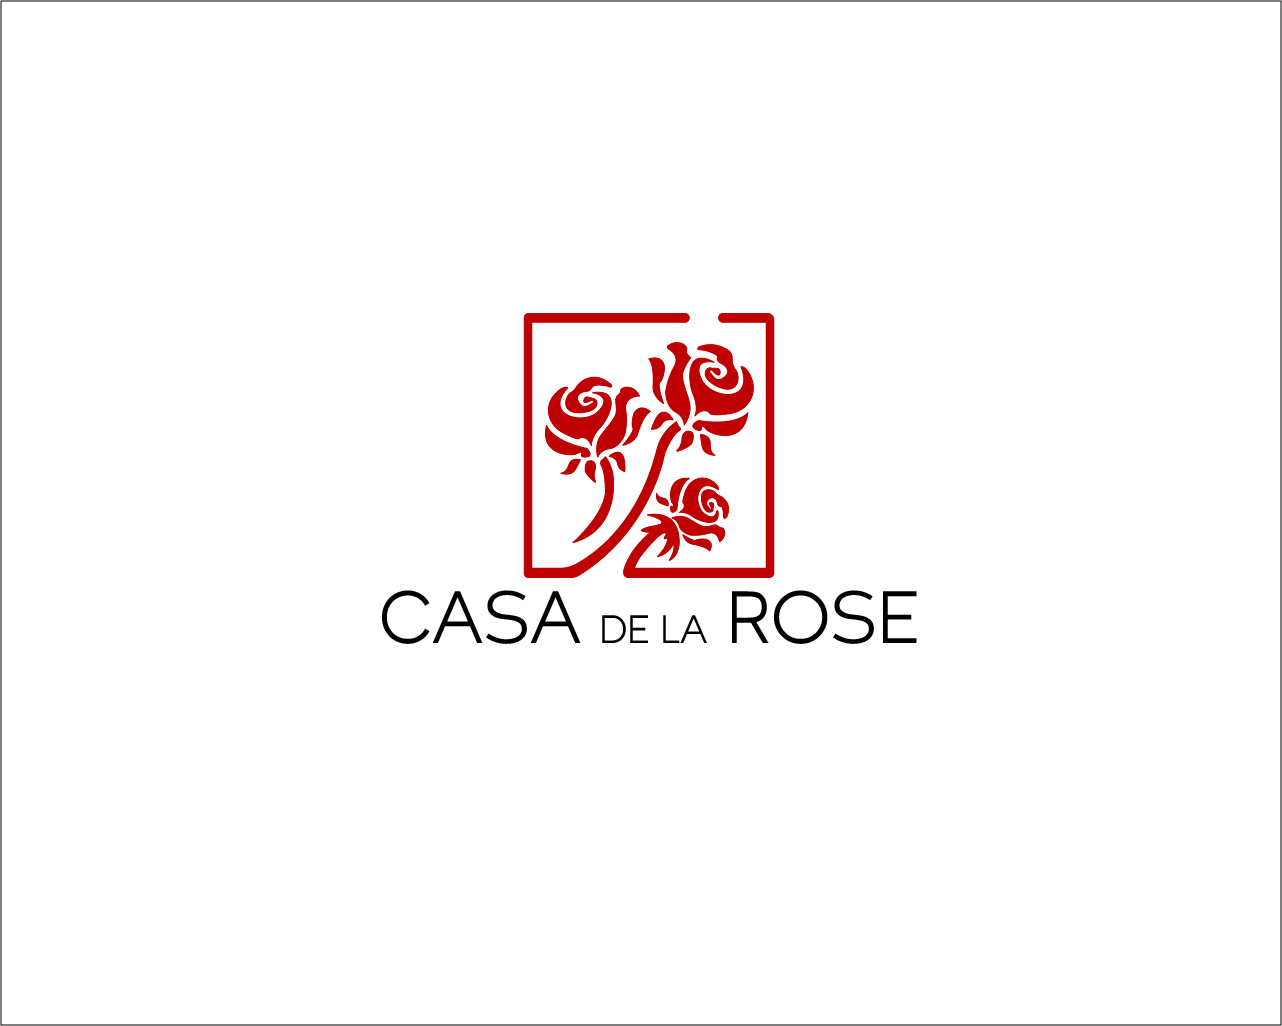 Логотип + Фирменный знак для элитного поселка Casa De La Rosa фото f_9965cd4653733663.jpg